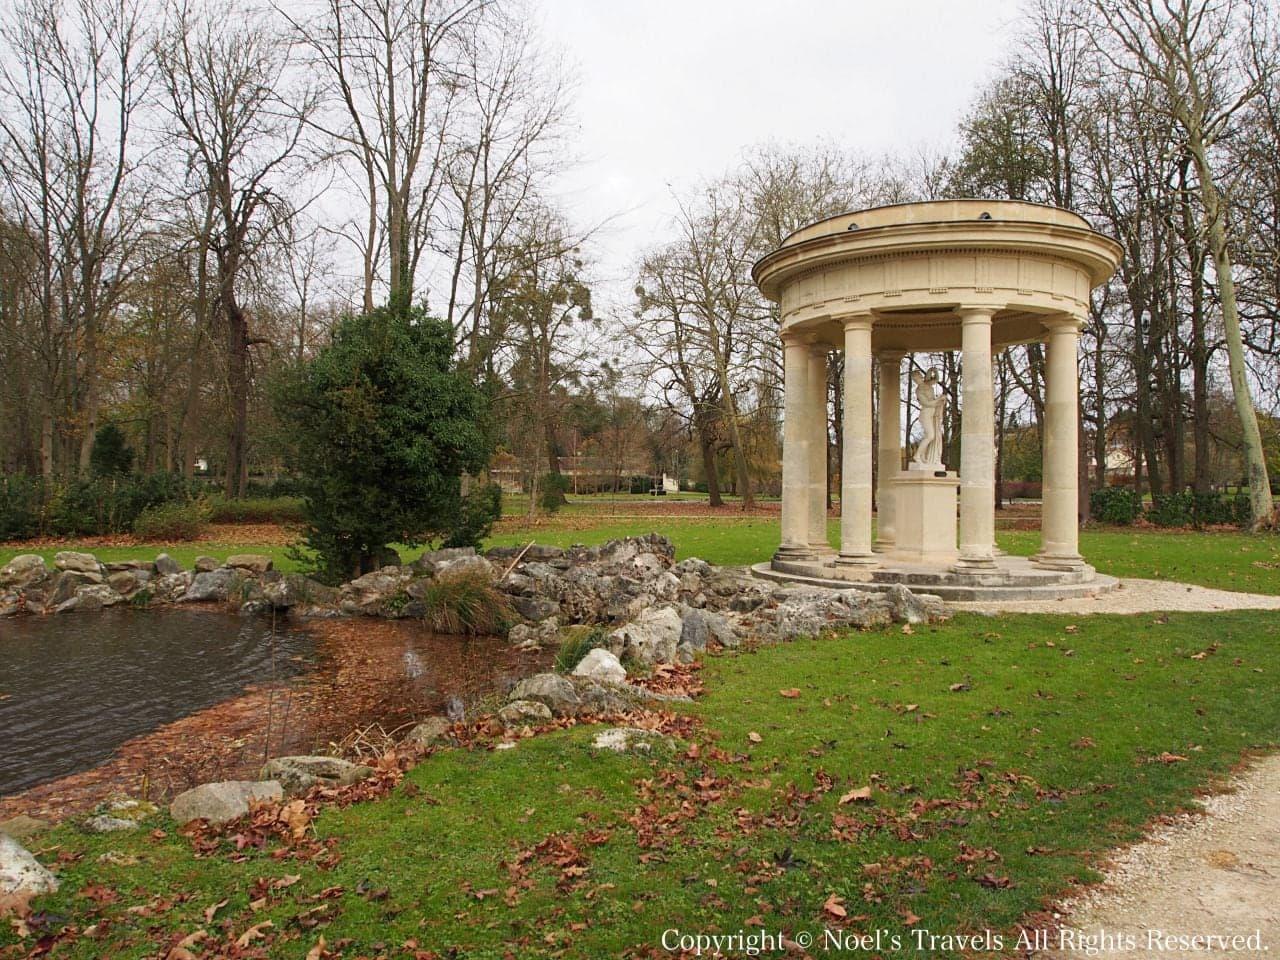 シャンティイ城の庭園「イングリッシュ・ガーデン」